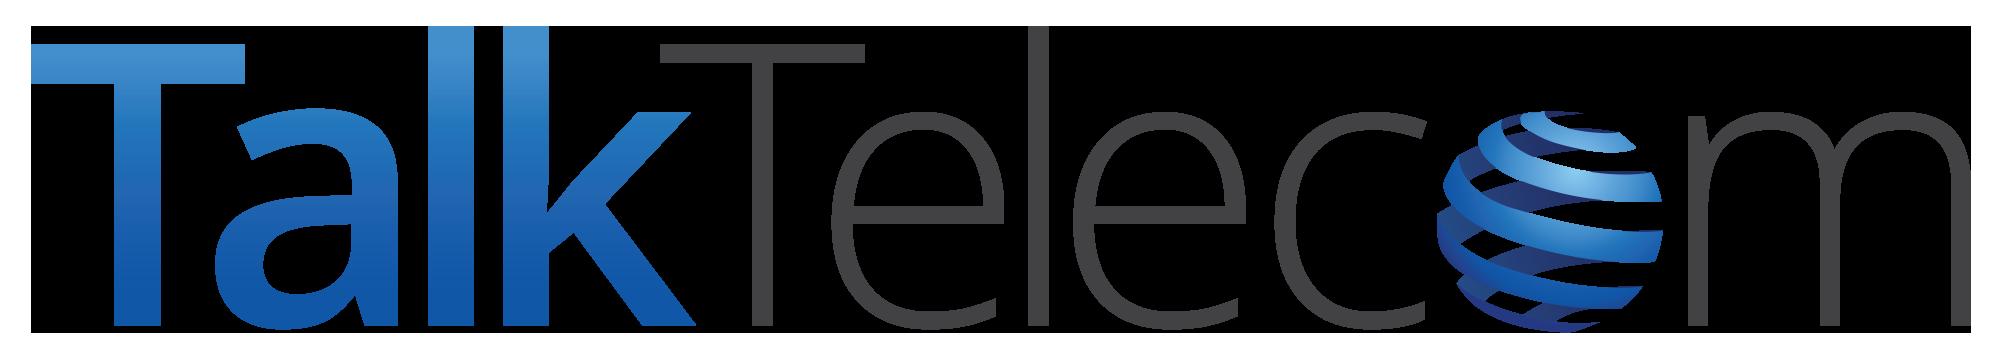 Transparent-Talk-Telecom-Logo-2